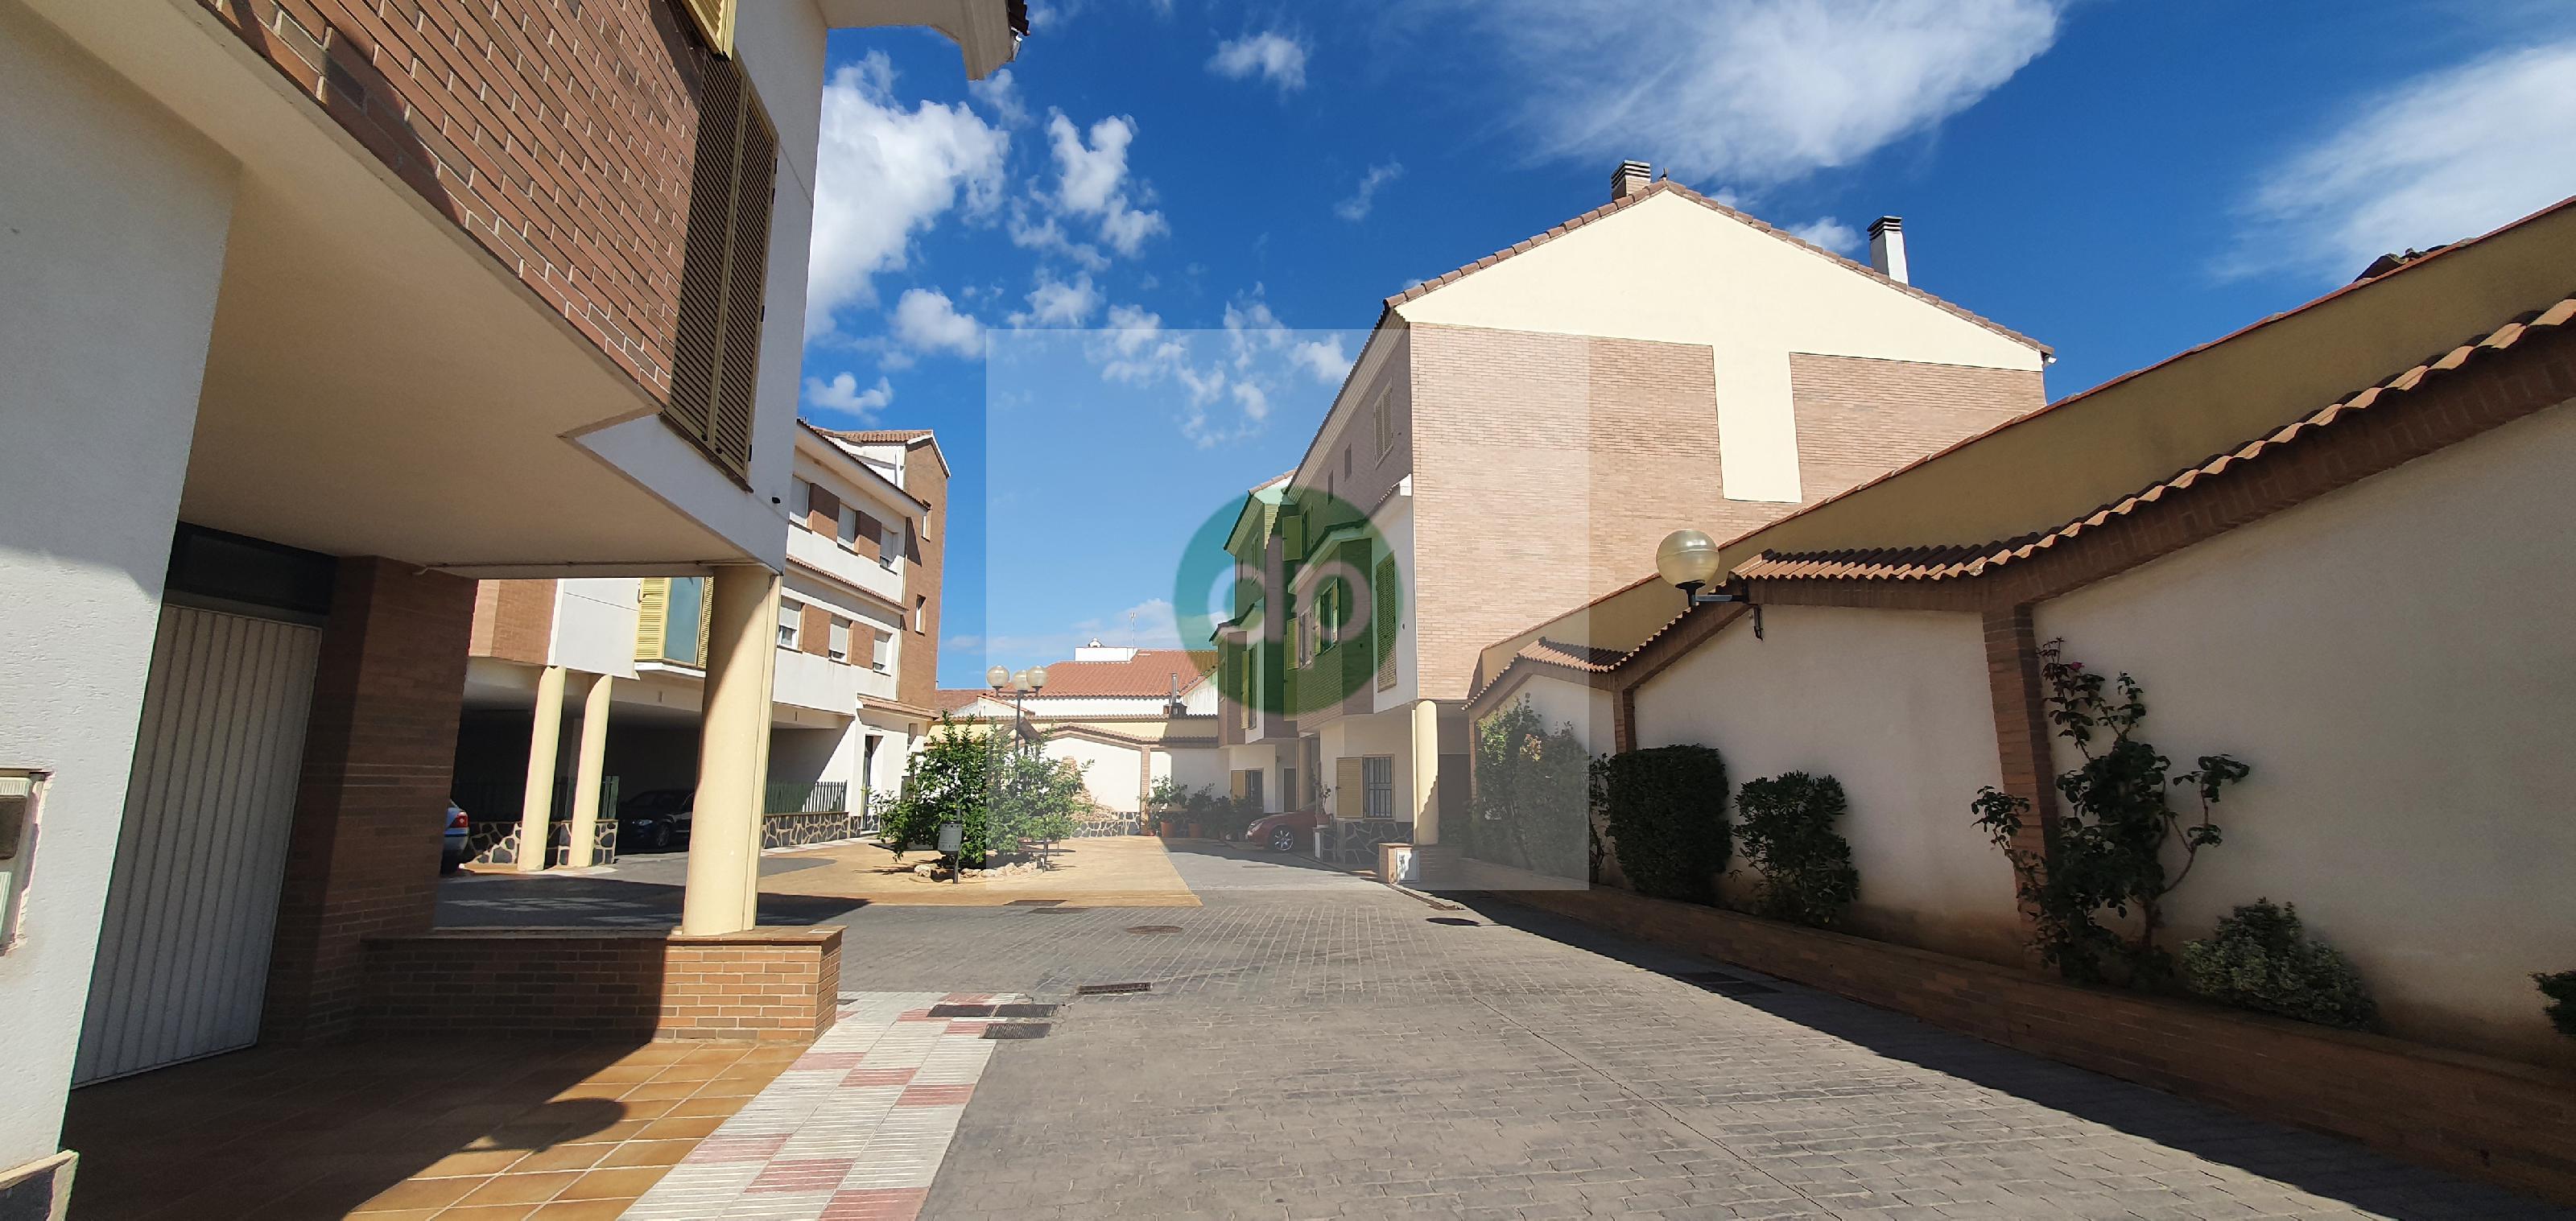 Imagen 4 Casa Adosada en venta en Villanueva De La Serena / Centrico, a pocos minutos de Plaza de E...